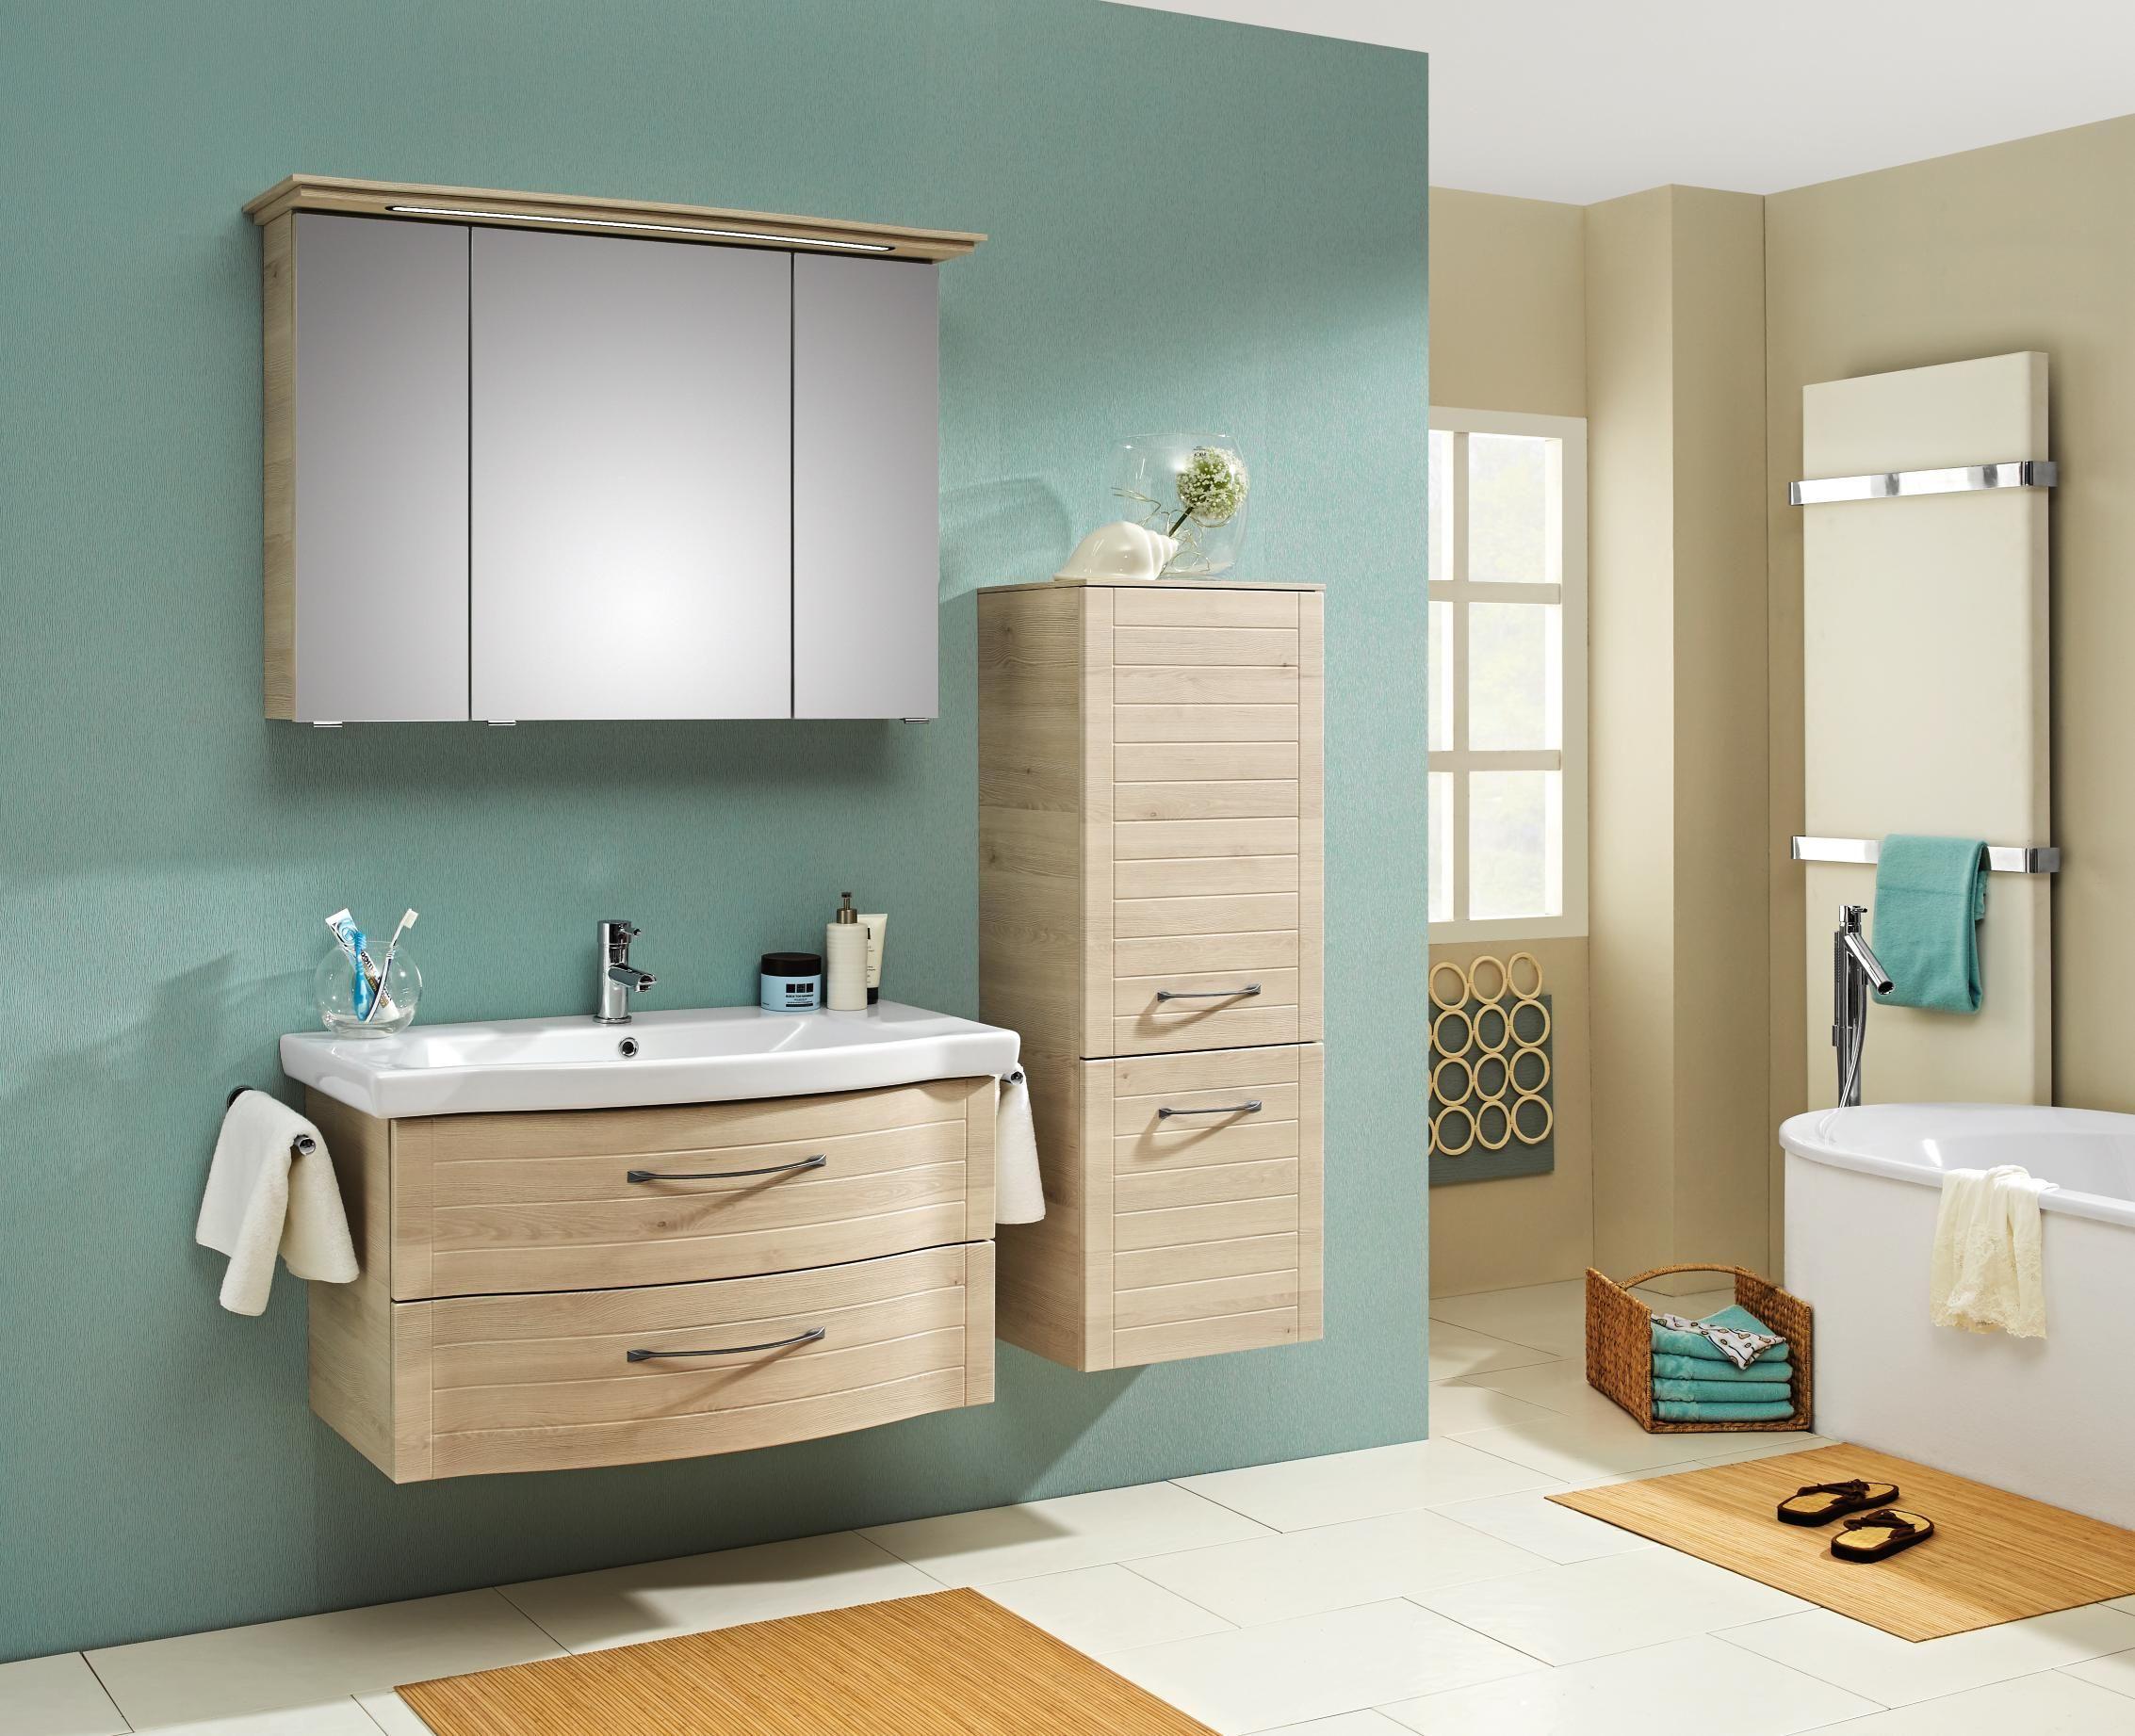 Badezimmer Von Sadena 3 Teiliges Set Mit Wohlfuhlcharakter Badezimmer Badezimmerausstattung Zimmer